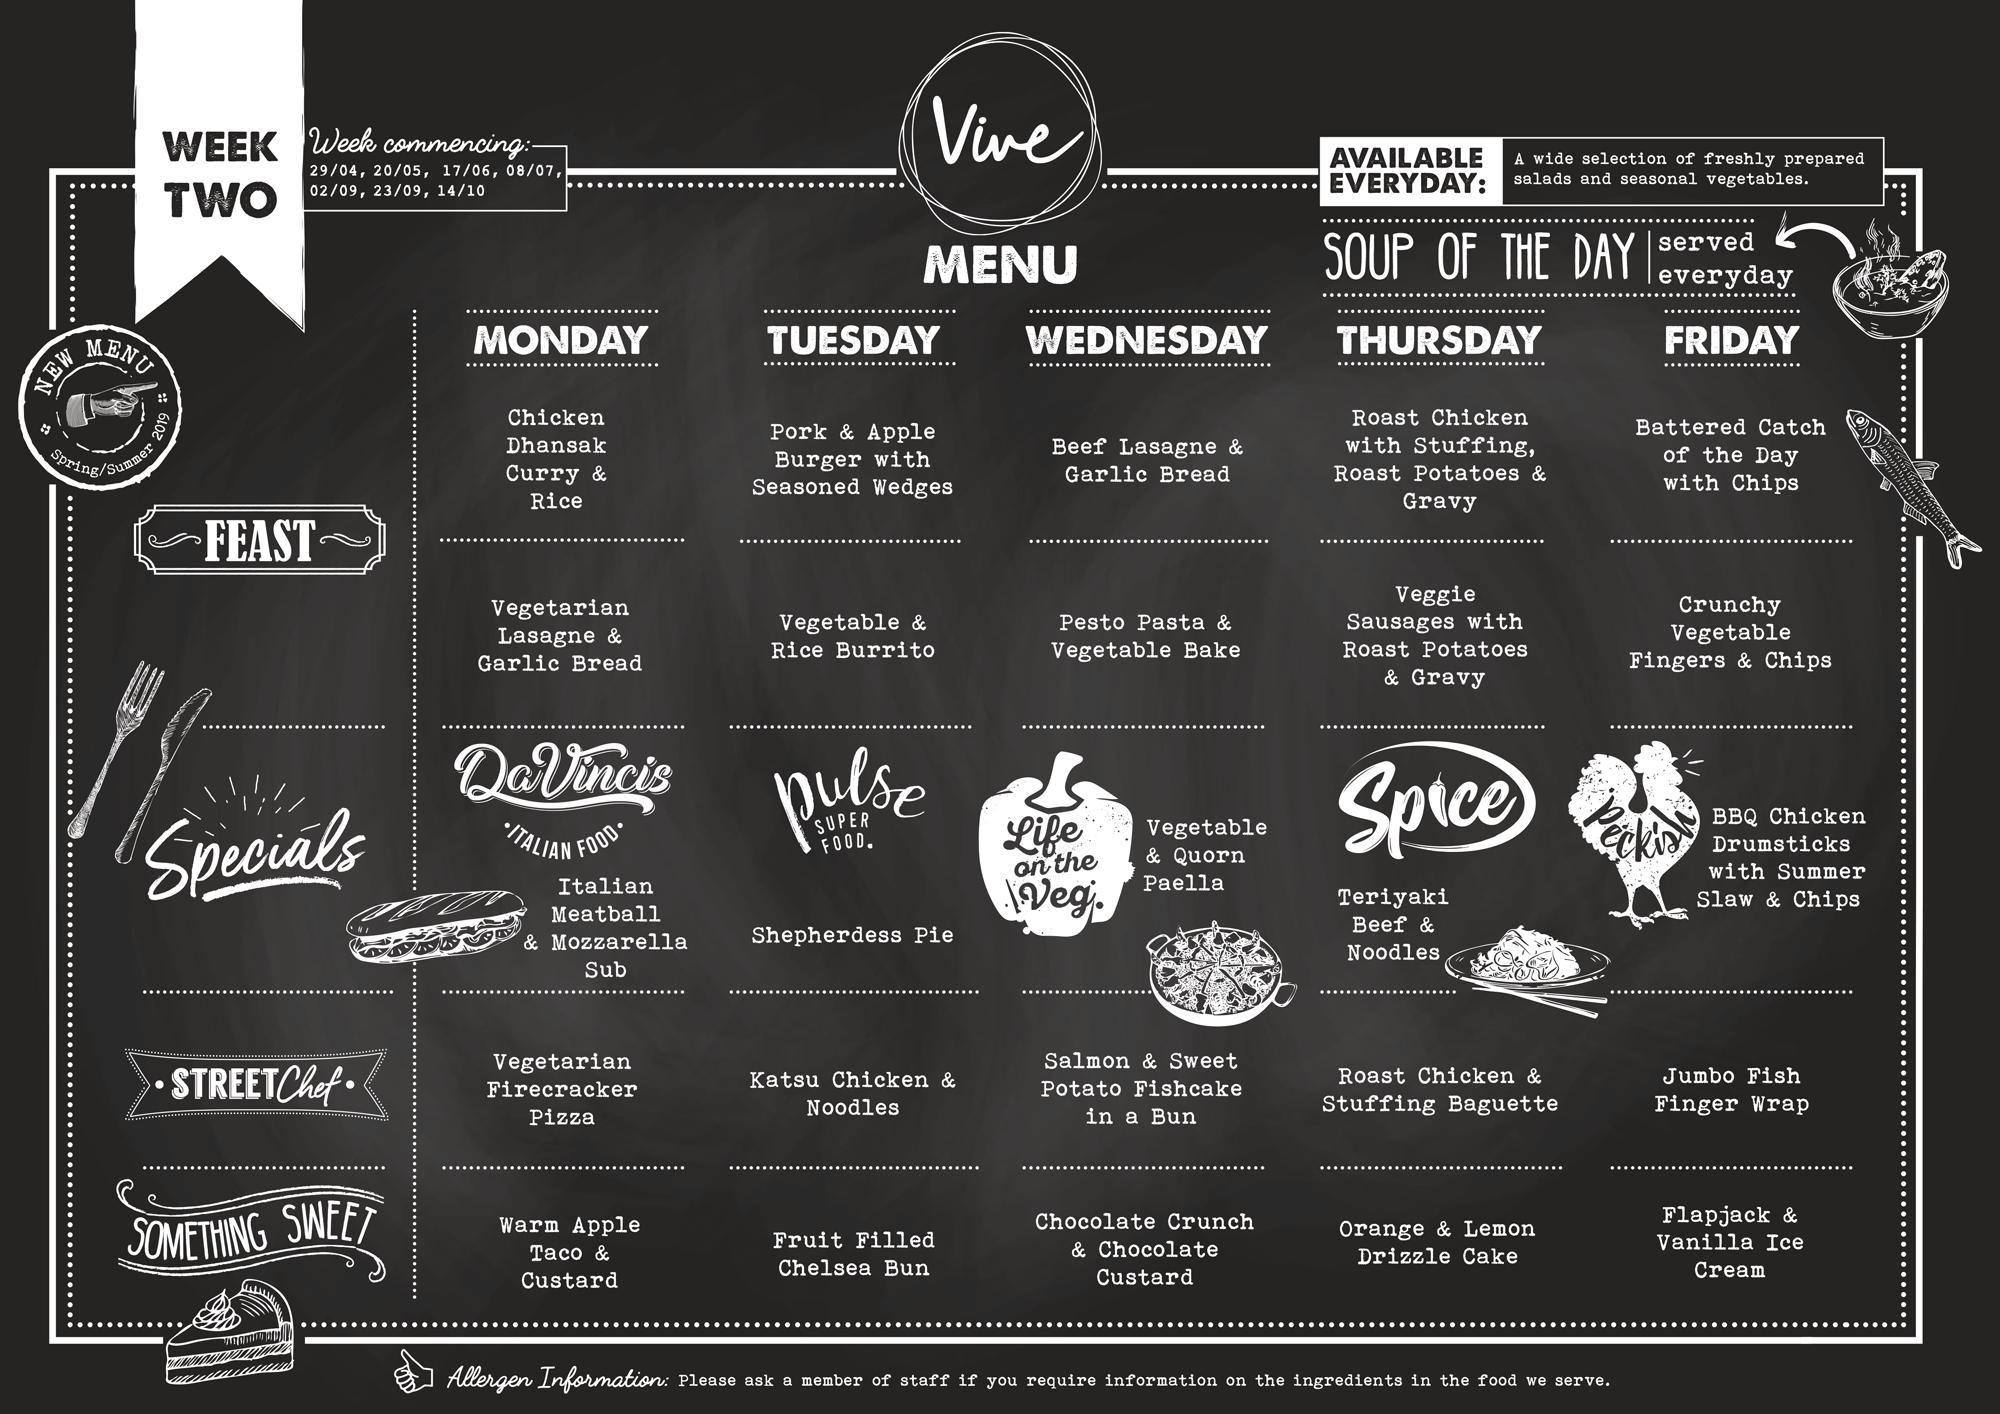 Vive Week Two